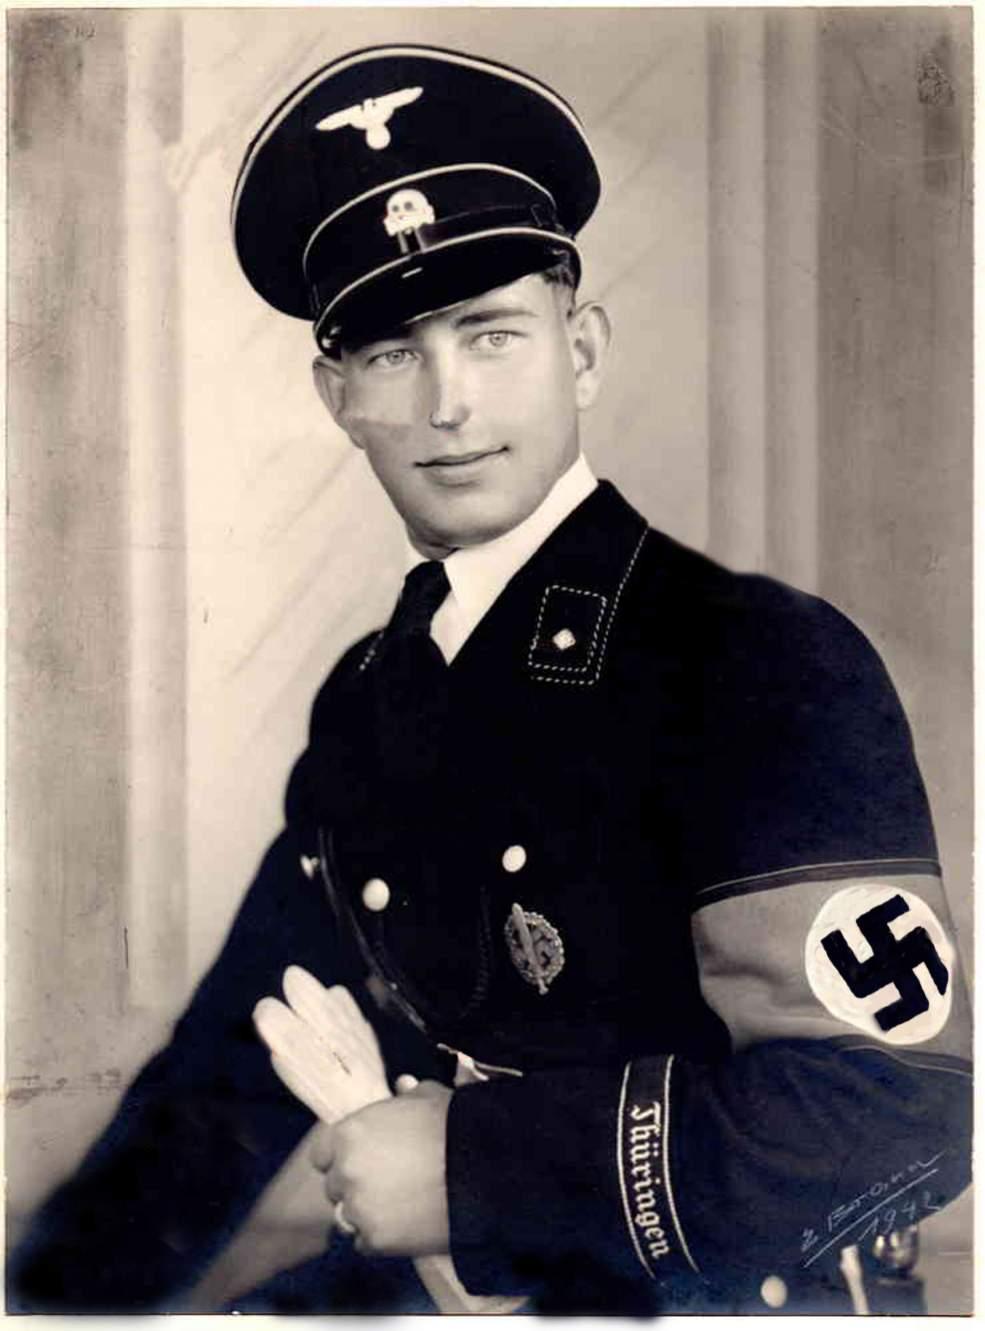 922555d1452351495-black-ss-uniform-wear-1943-a-thuringen-1.jpg